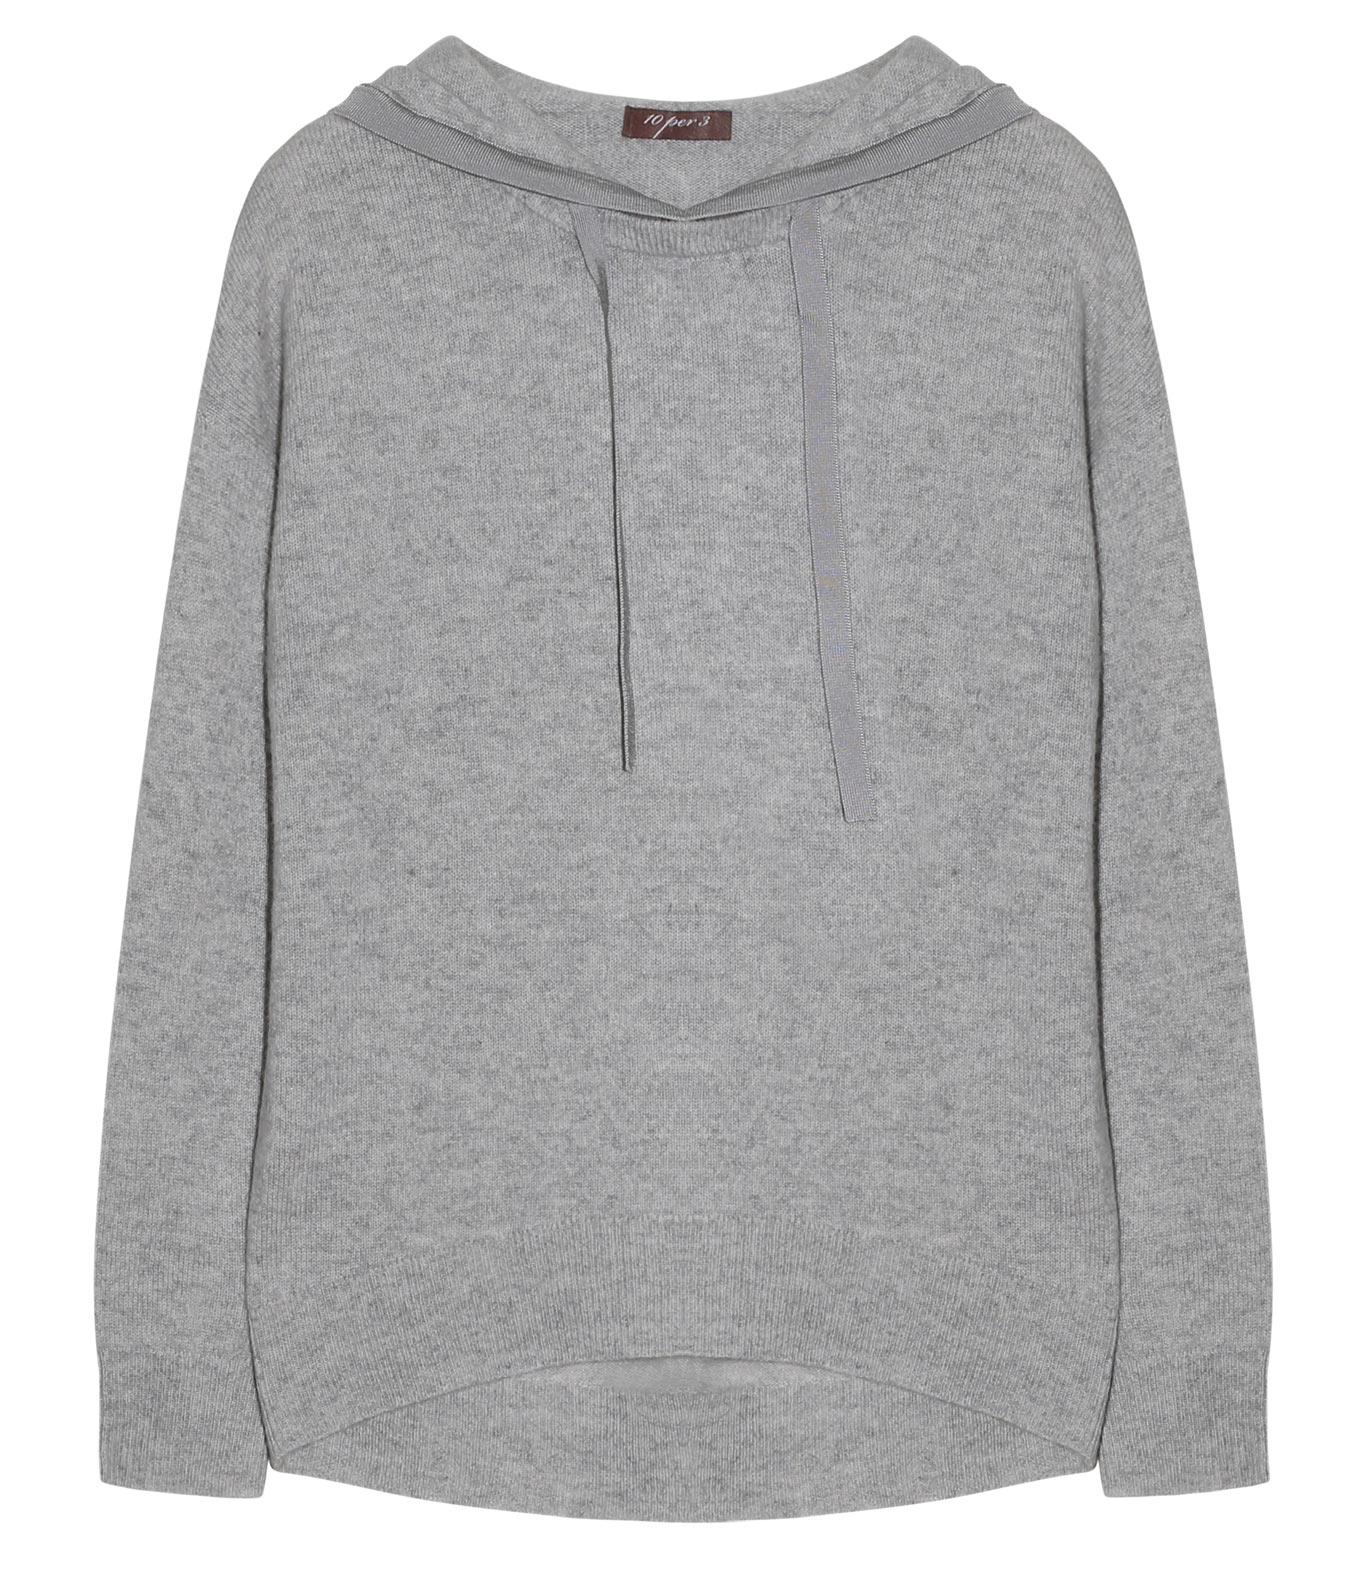 professioneller Verkauf attraktiver Stil beste Auswahl an 10per3 Grey Cashmere Hoodie